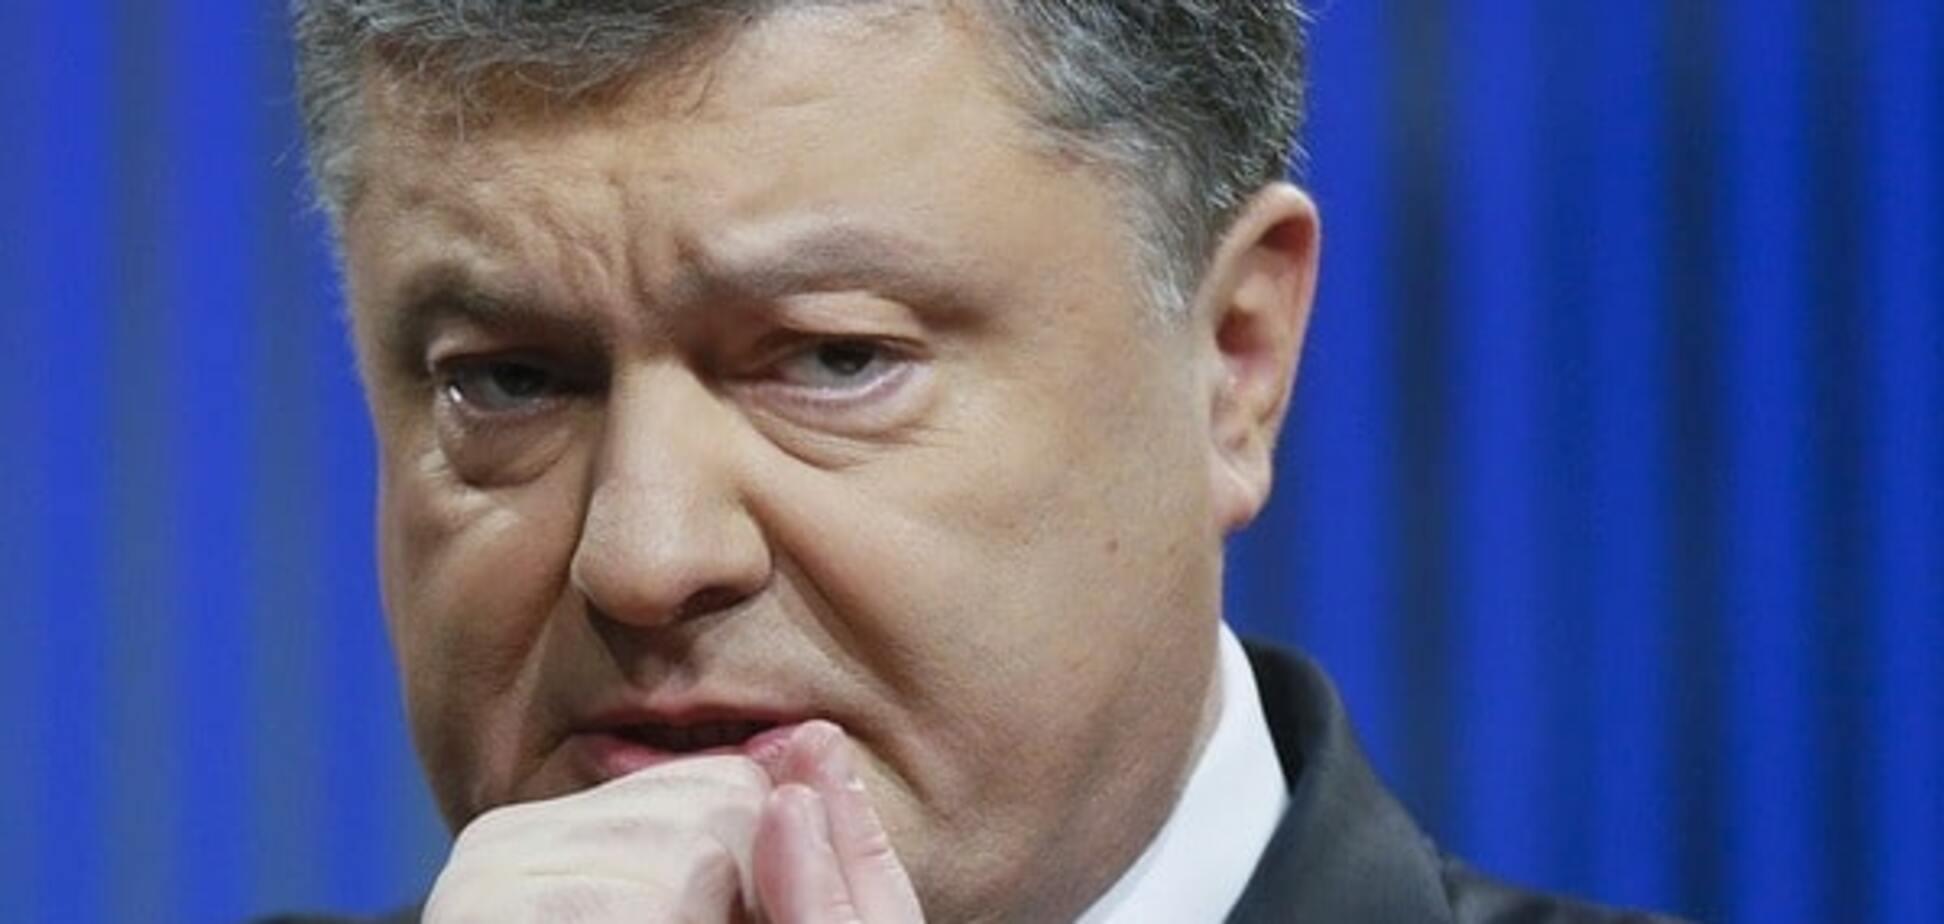 Порошенко попросили разобраться с 'Интером': депортировать руководителя и запретить трансляцию